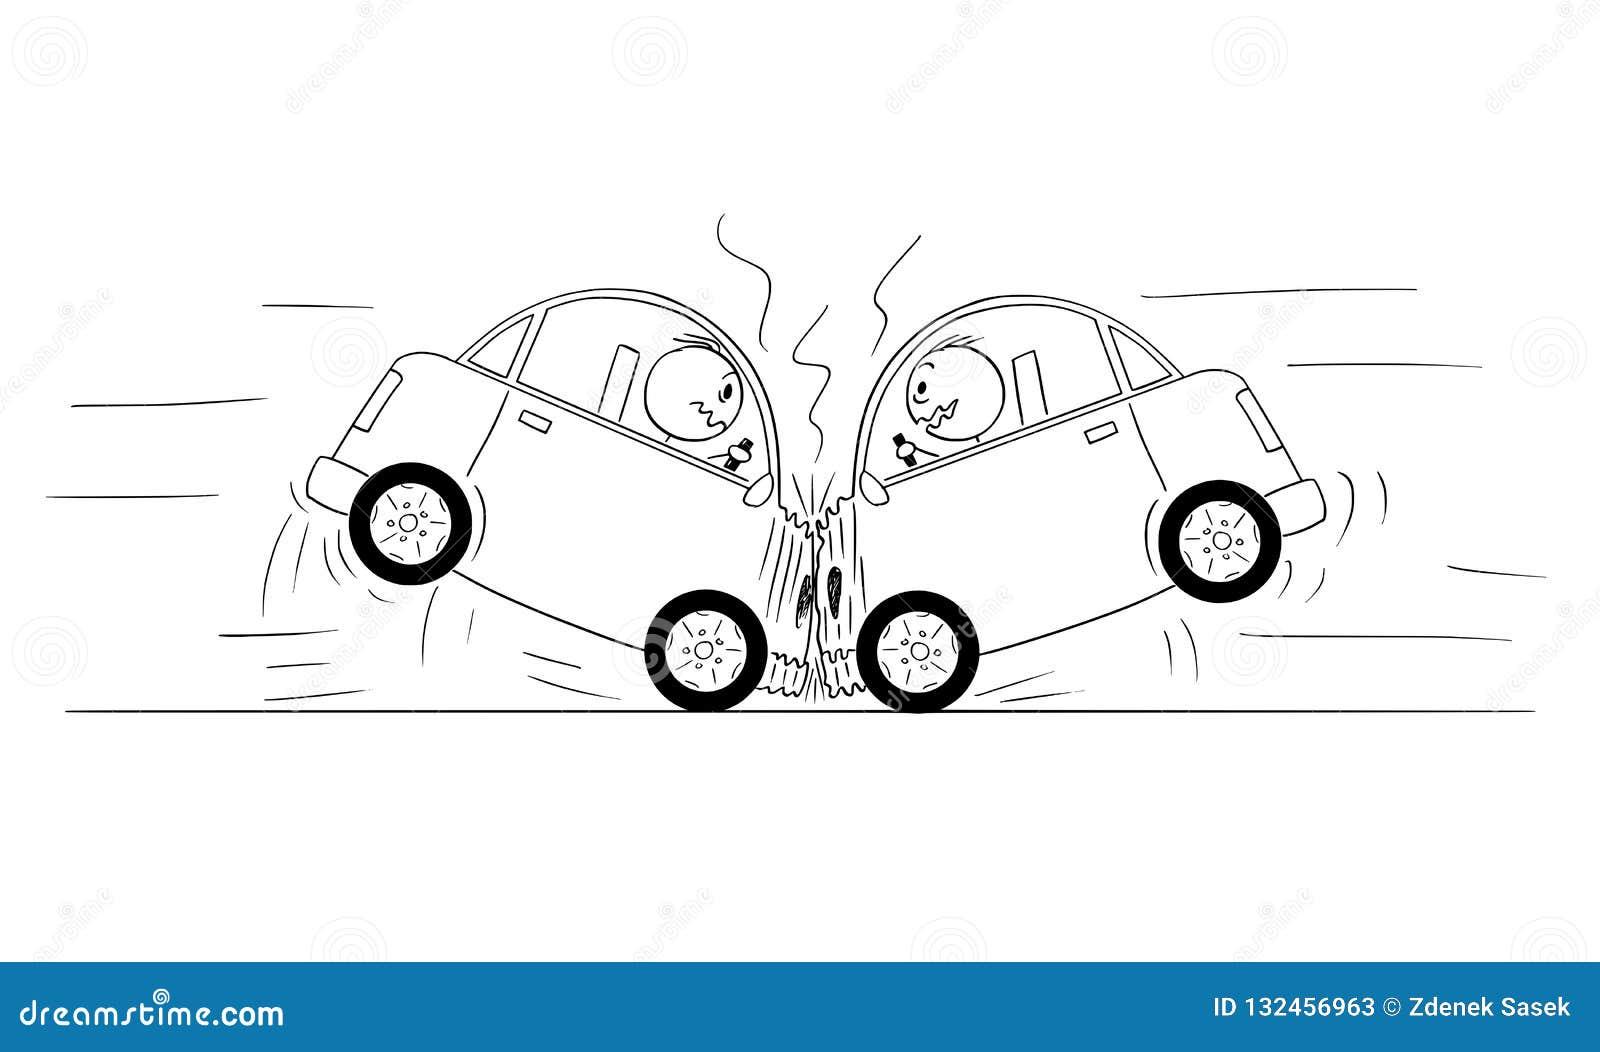 drawing cartoon cars